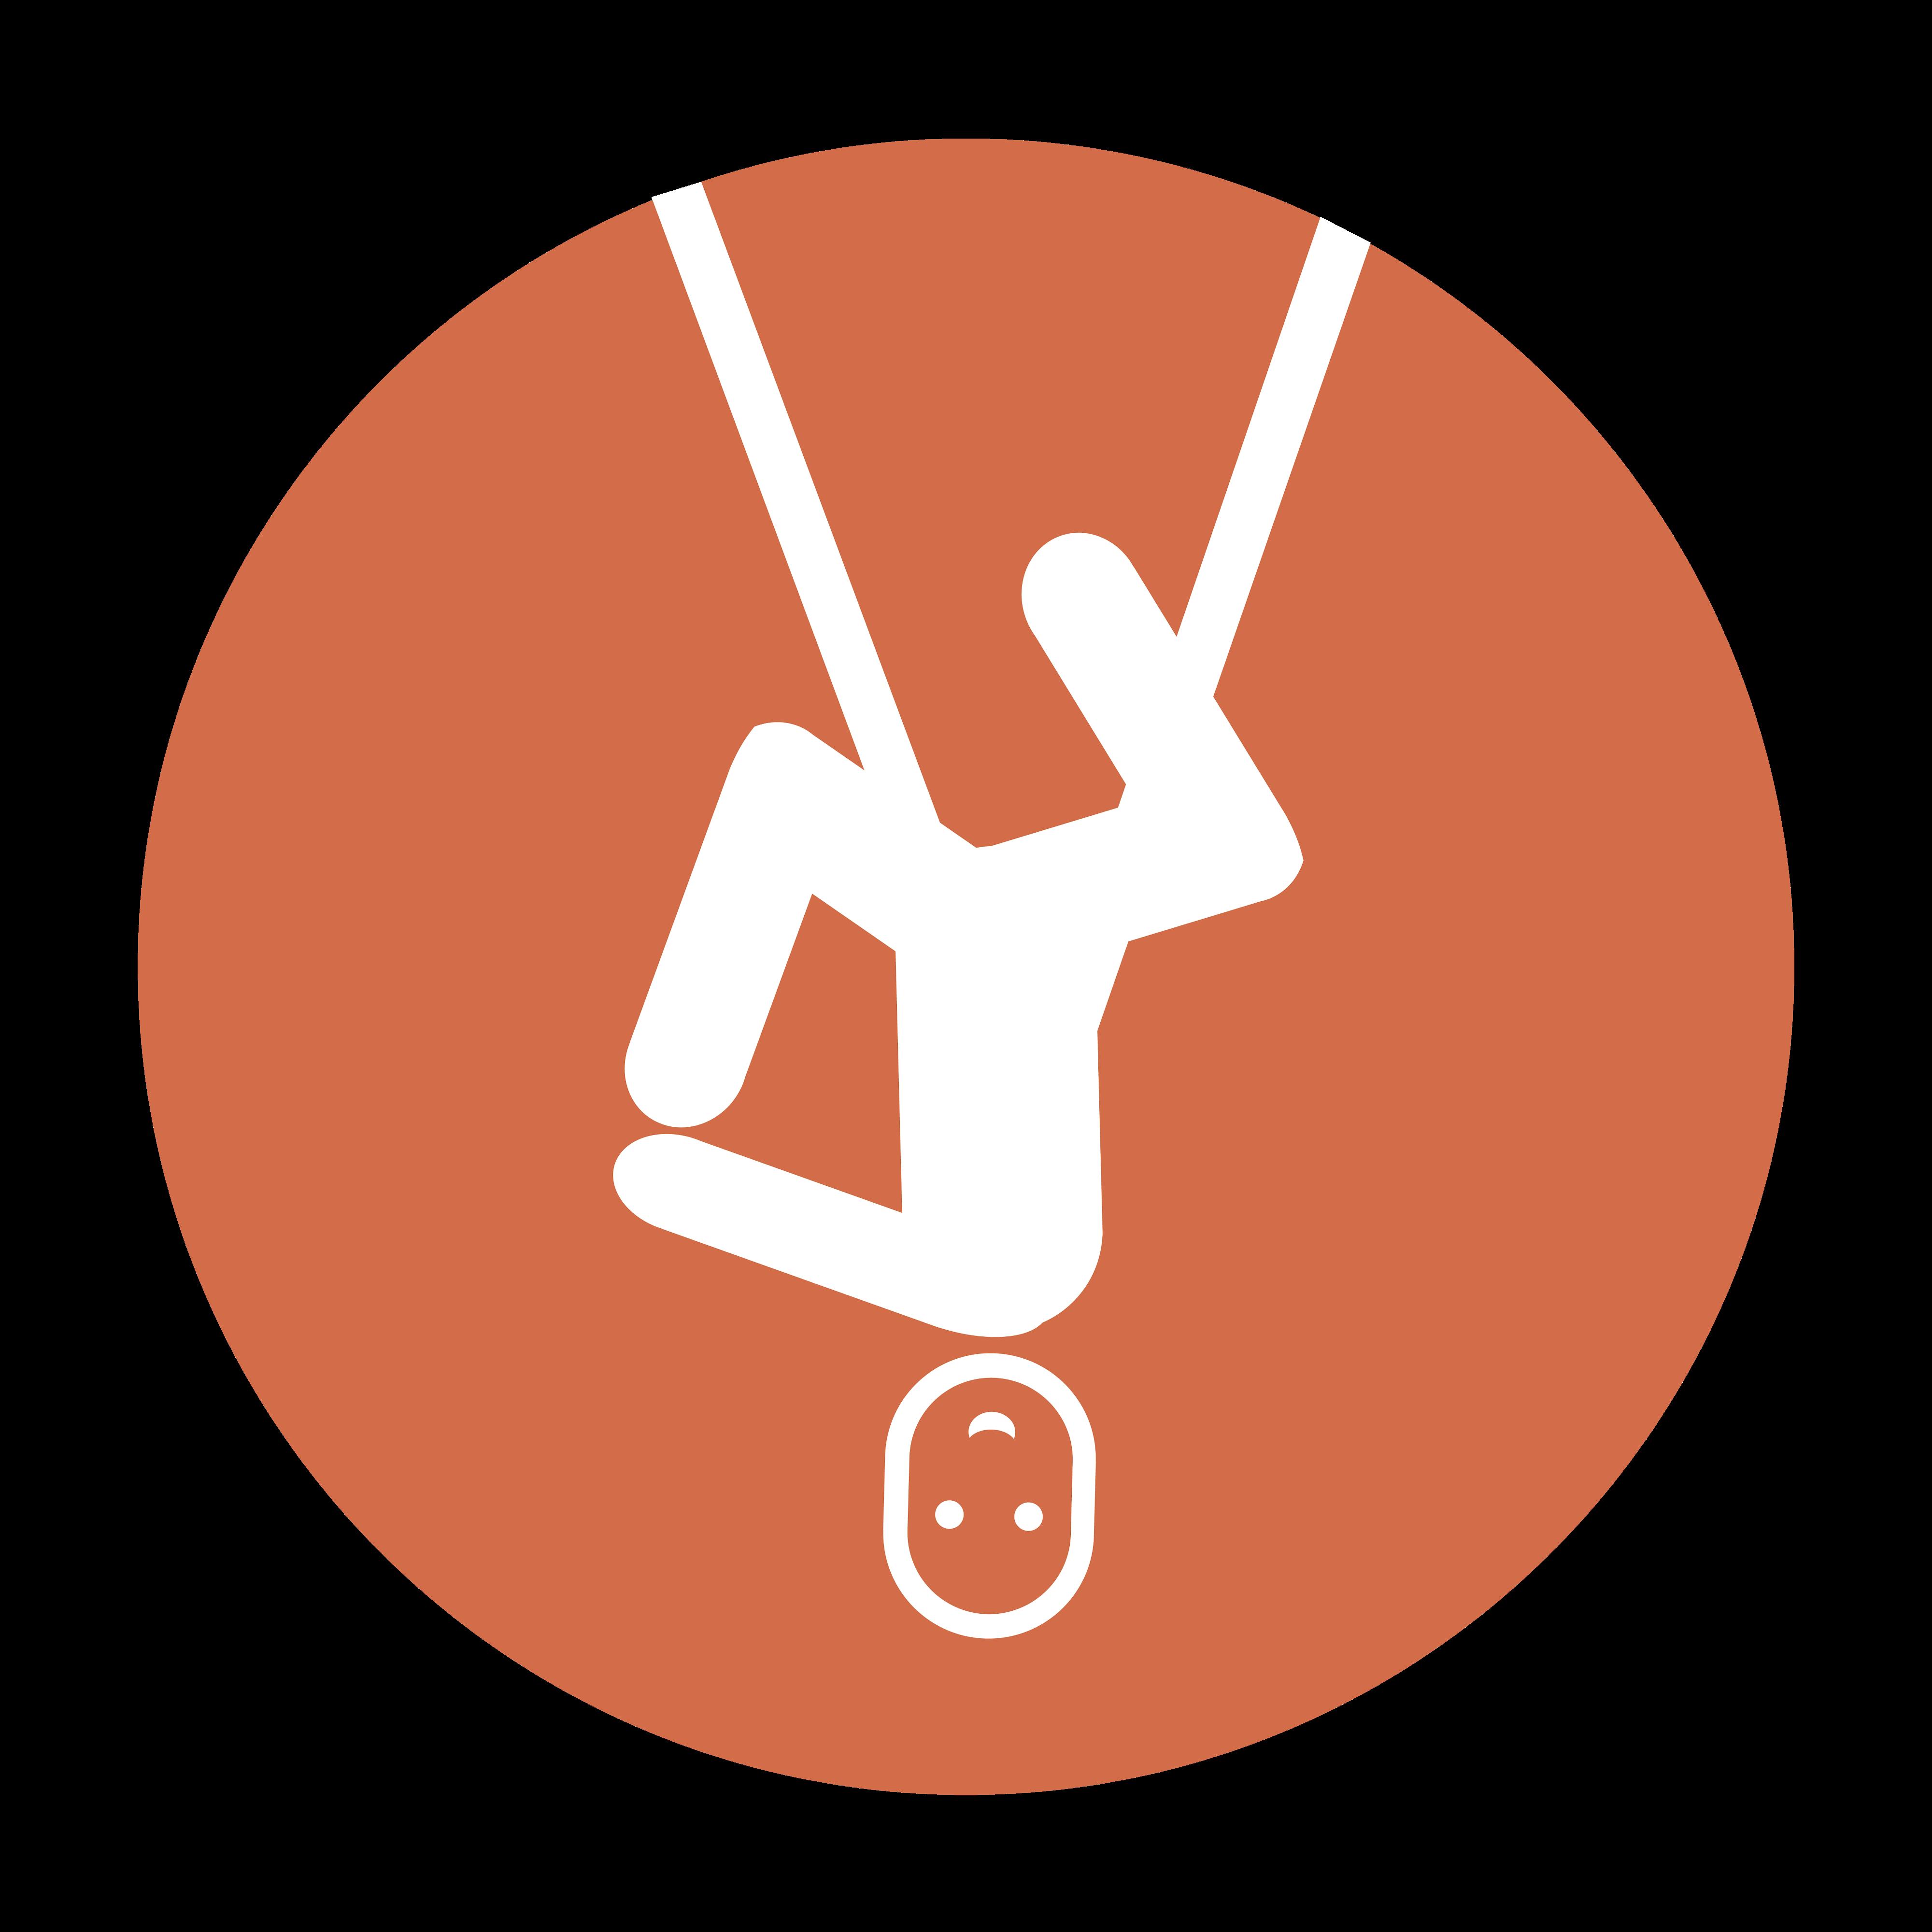 Aero ioga